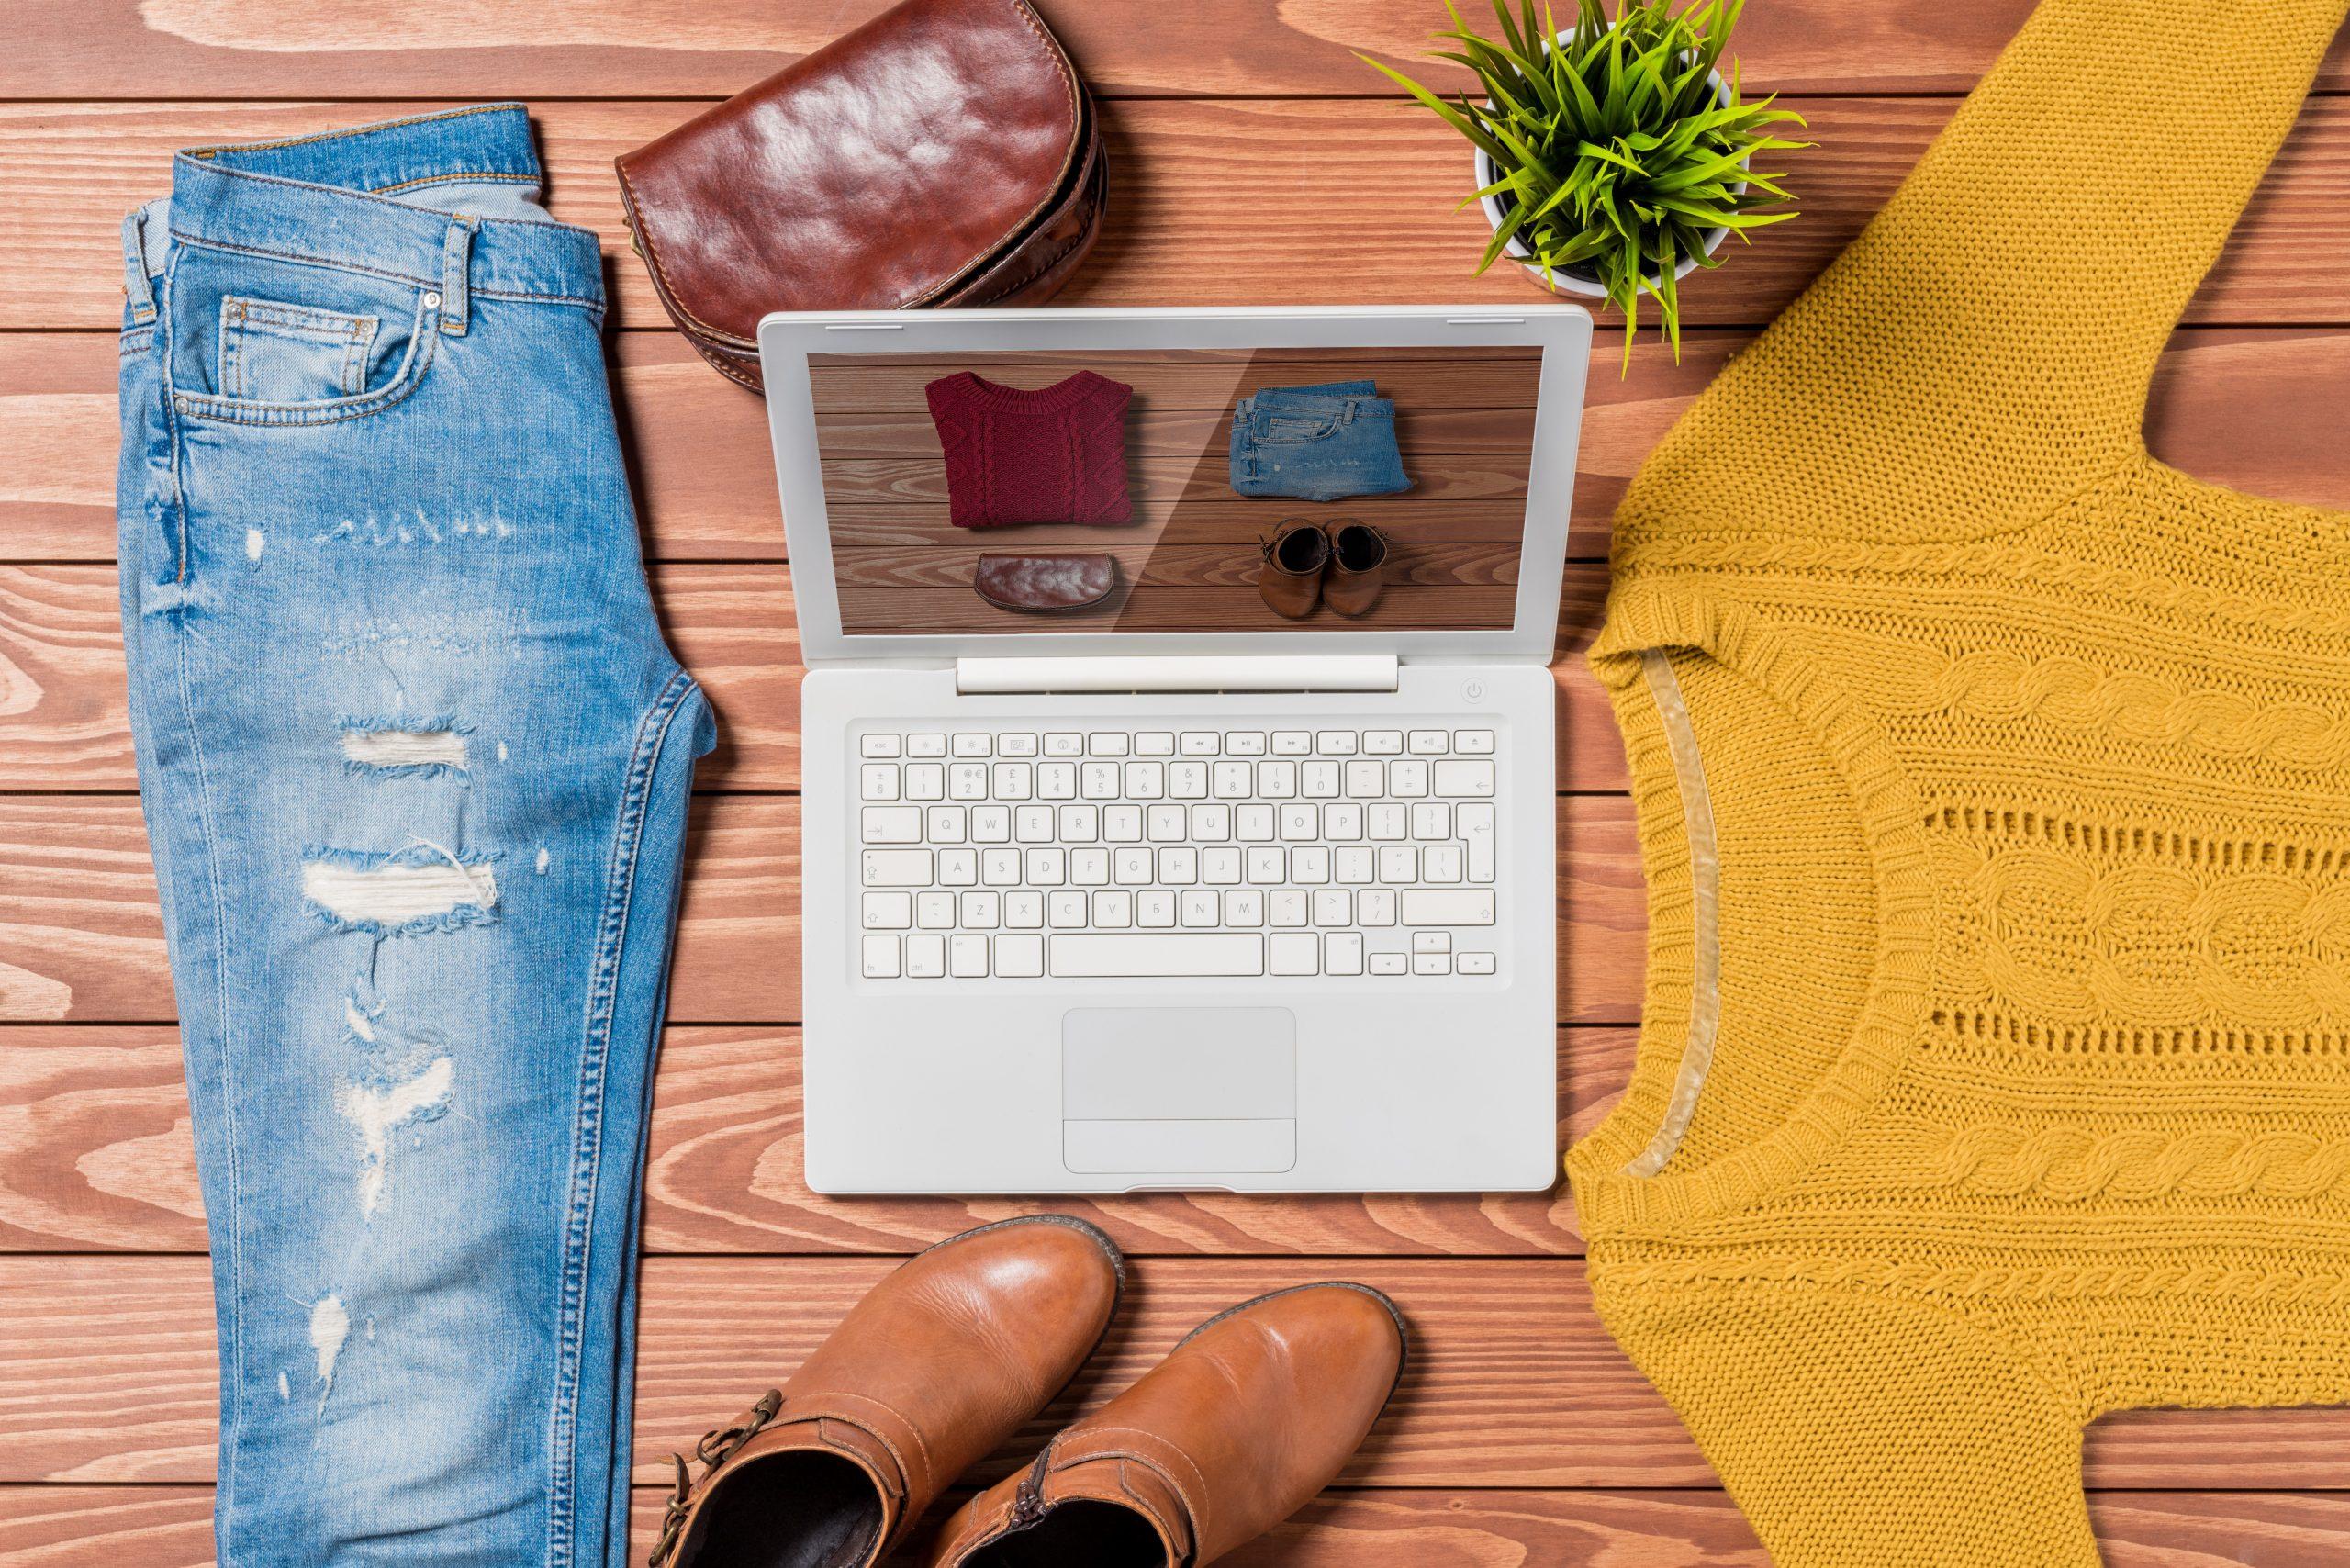 15 Wunderbar Kleidung Online Kaufen Stylish17 Einfach Kleidung Online Kaufen Stylish